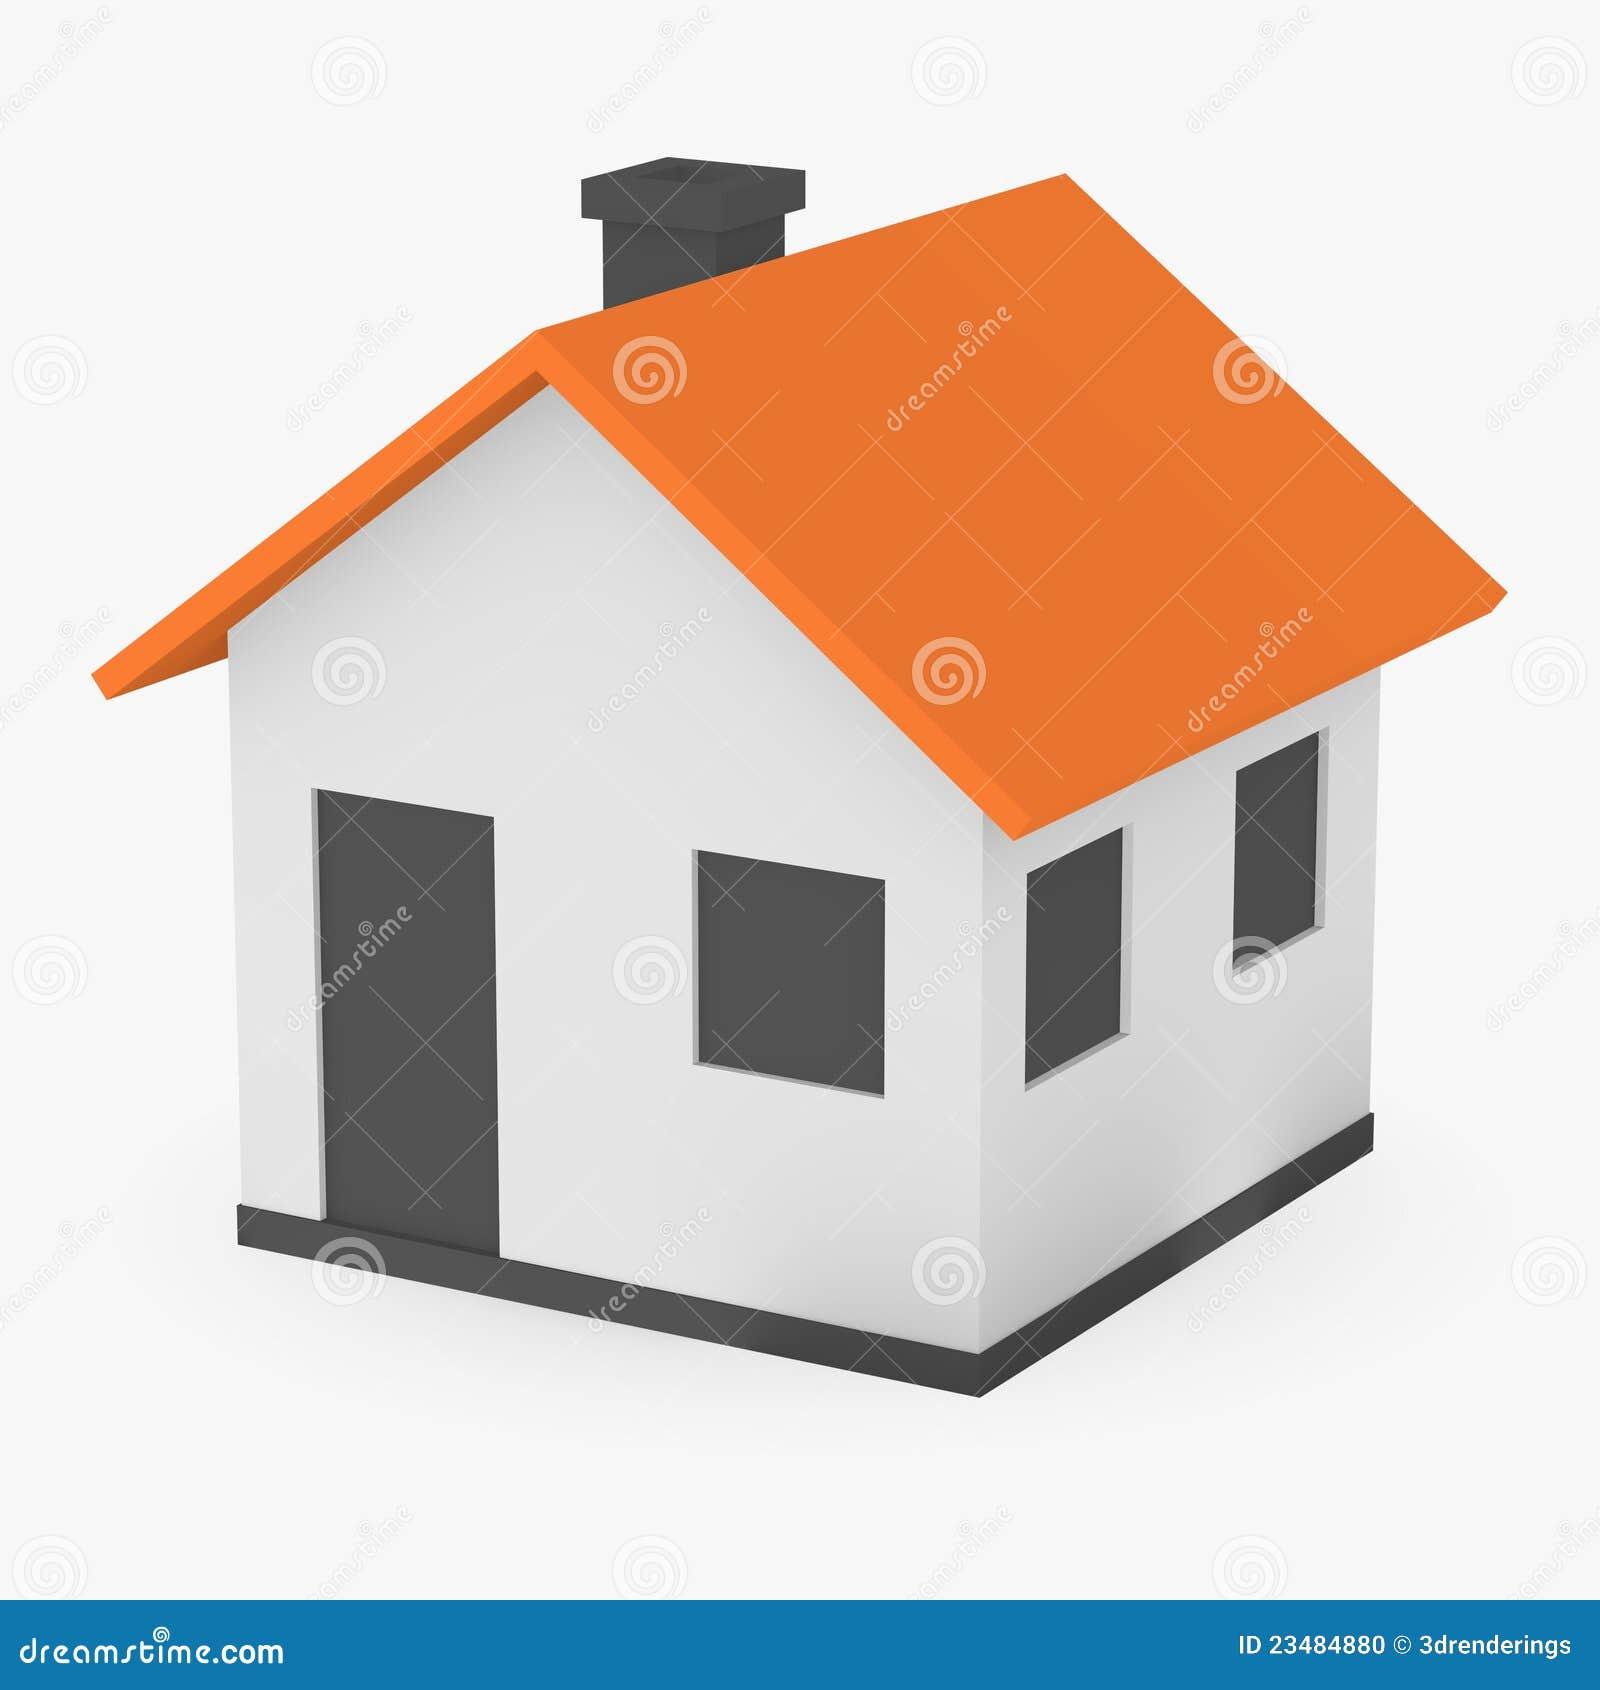 Concevoir sa maison en 3d perfect logiciel plan maison for Concevoir plan maison